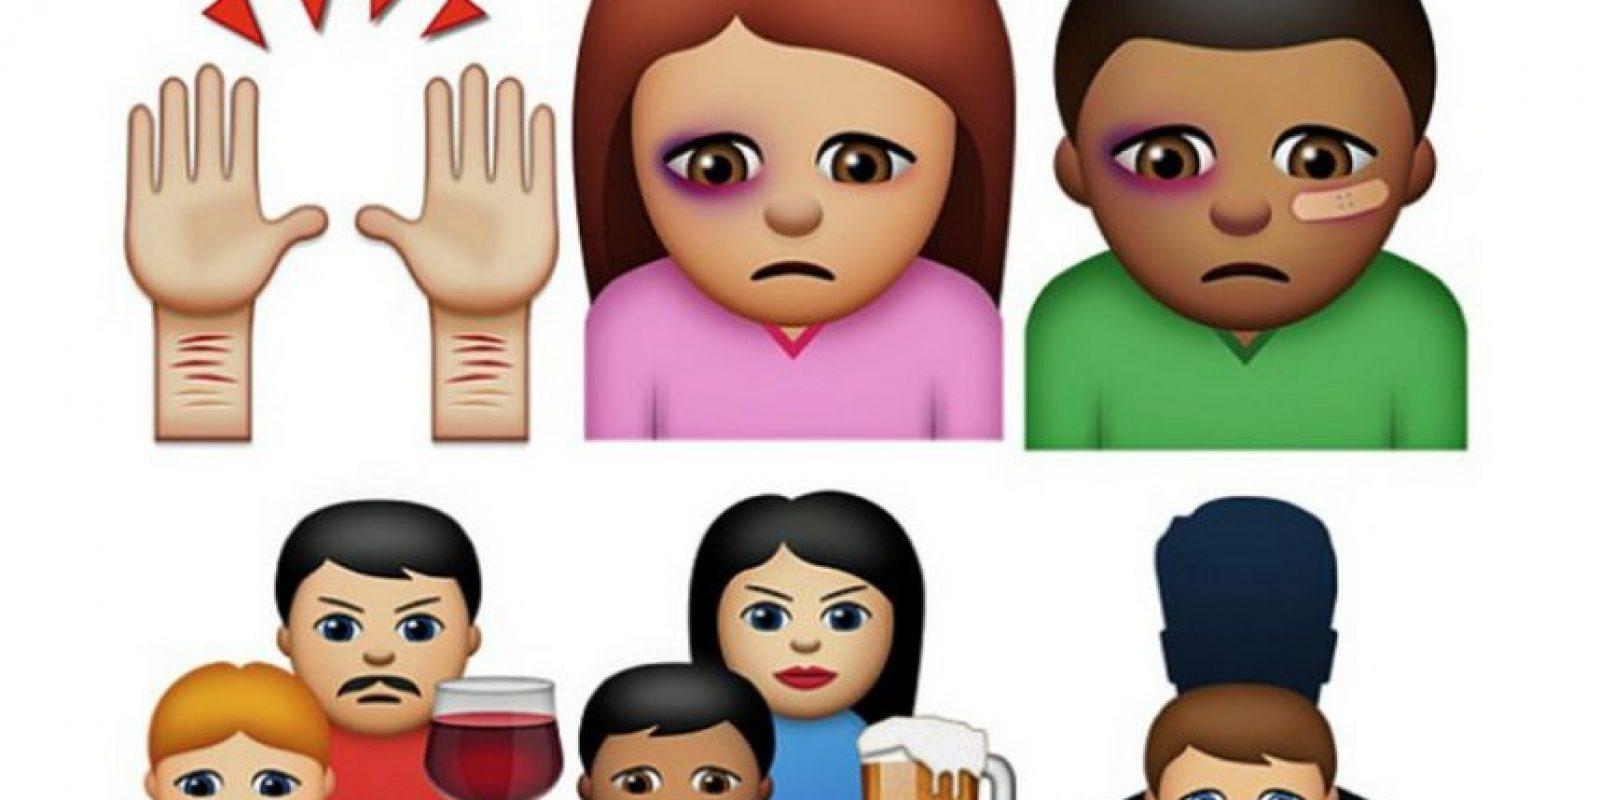 """La fundación sueca para los Derechos de los Niños en la Sociedad (BRIS) creó una app llamada """"Abused emojis"""" con los que víctimas de violencia pueden denunciar mediante emojis. Foto:BRIS"""